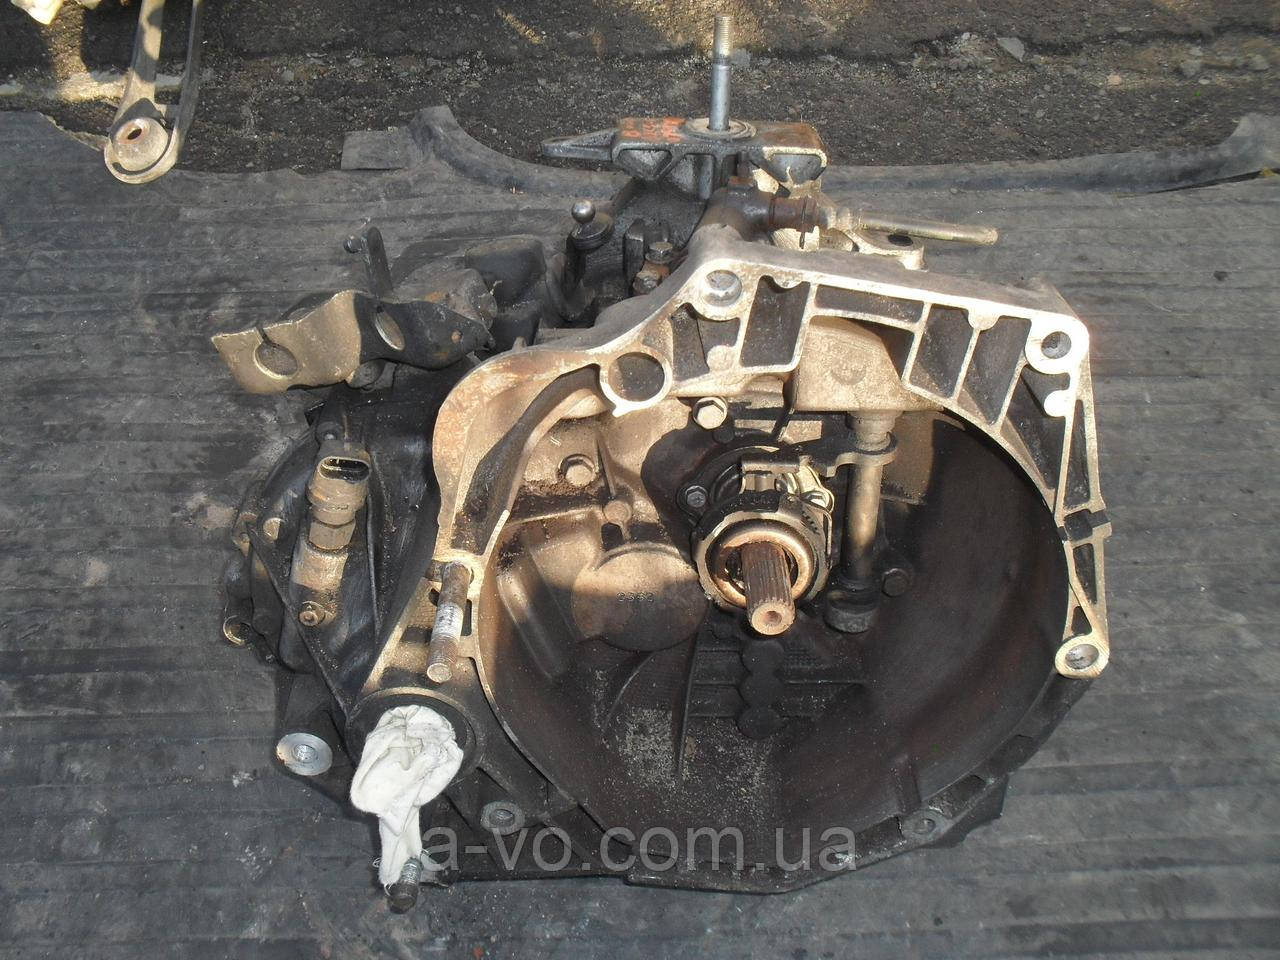 КПП Коробка передач Fiat Doblo 1.3 JTD 2008